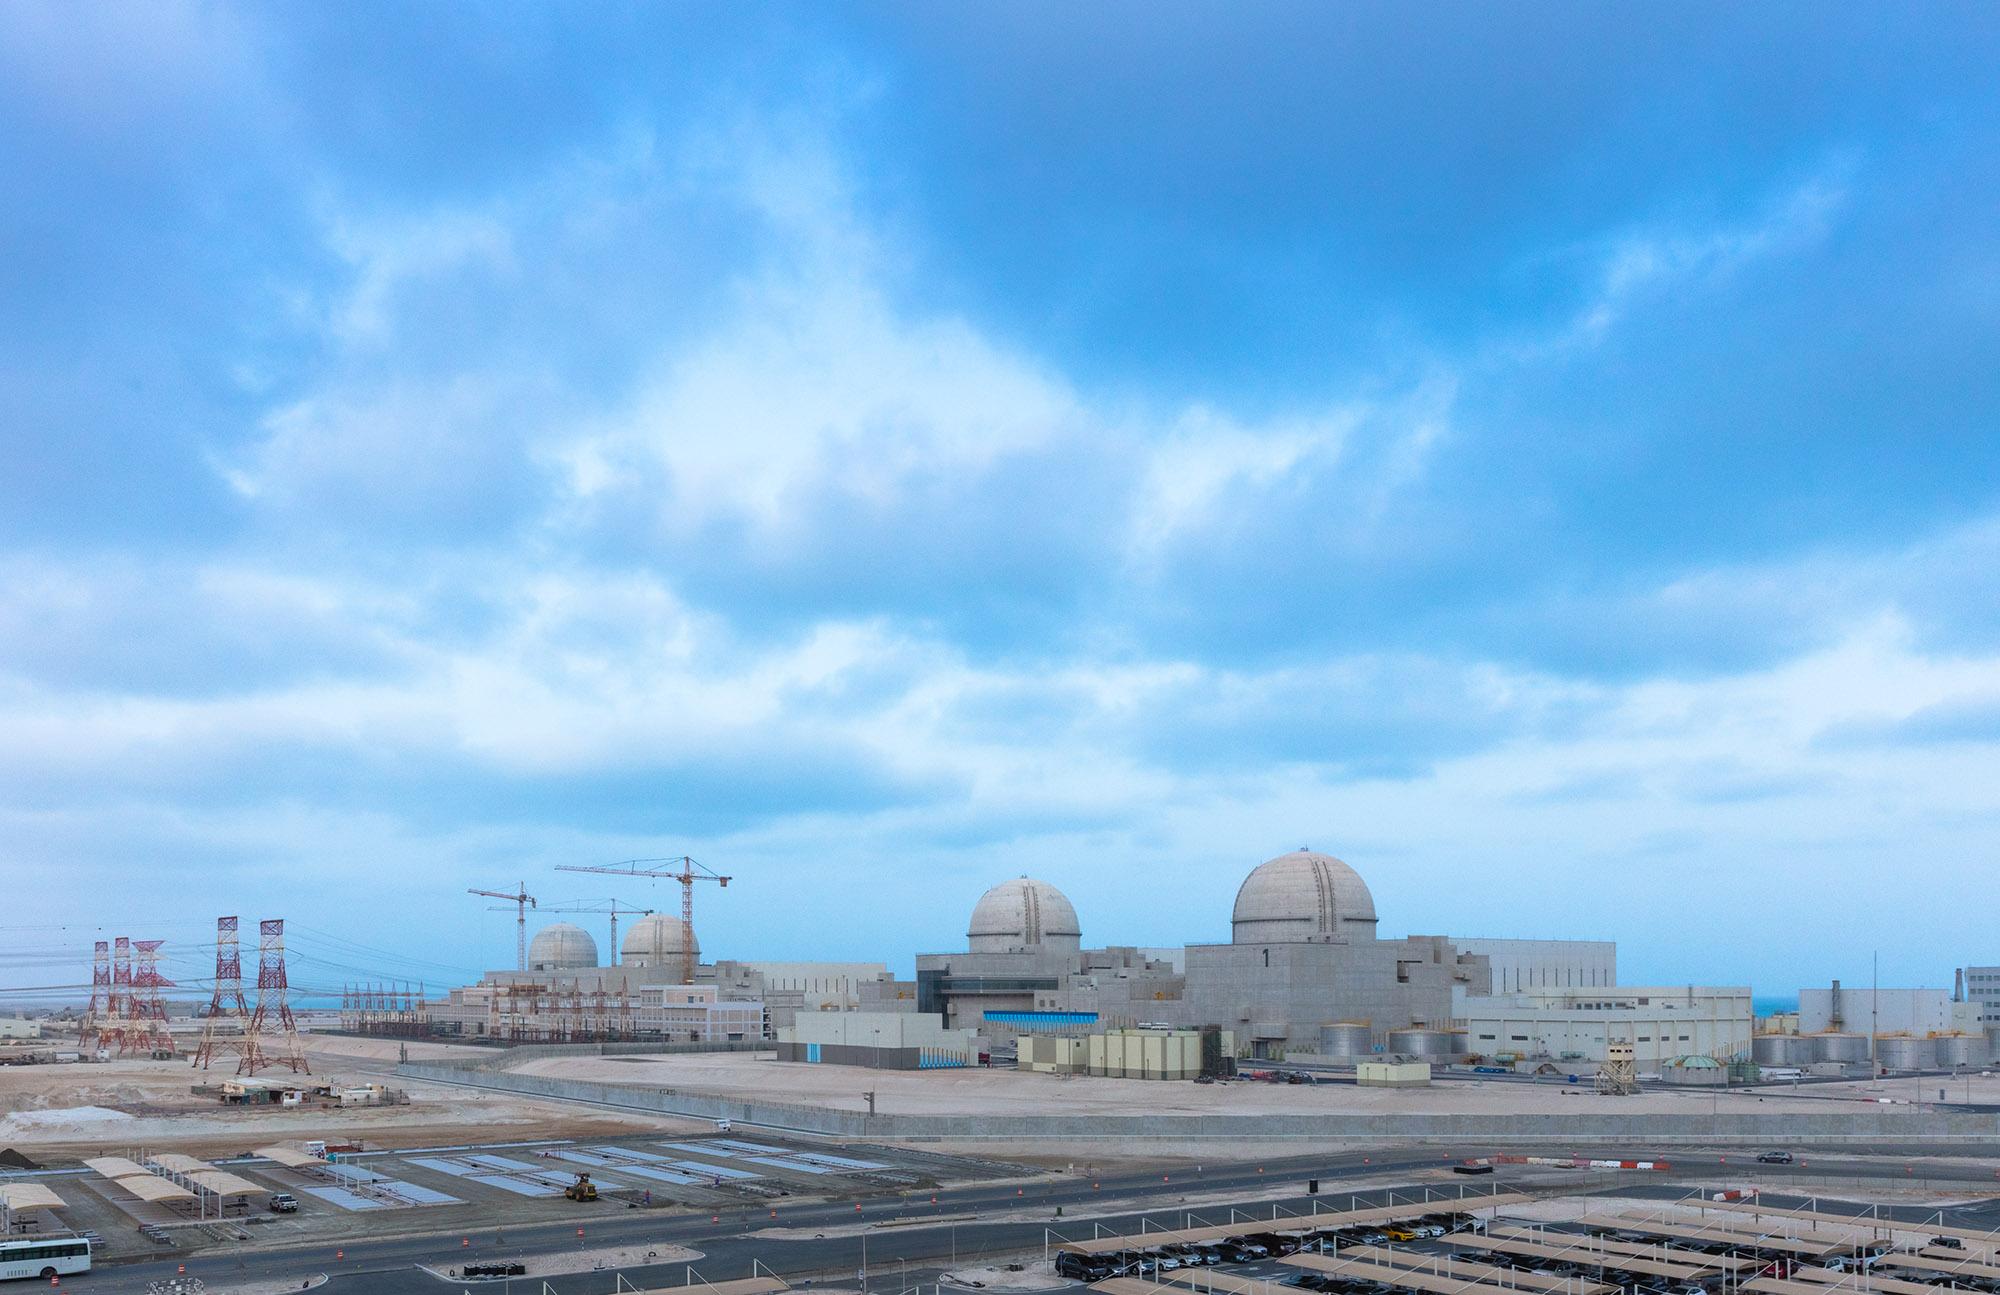 barakah nuclear energy plant- image 2